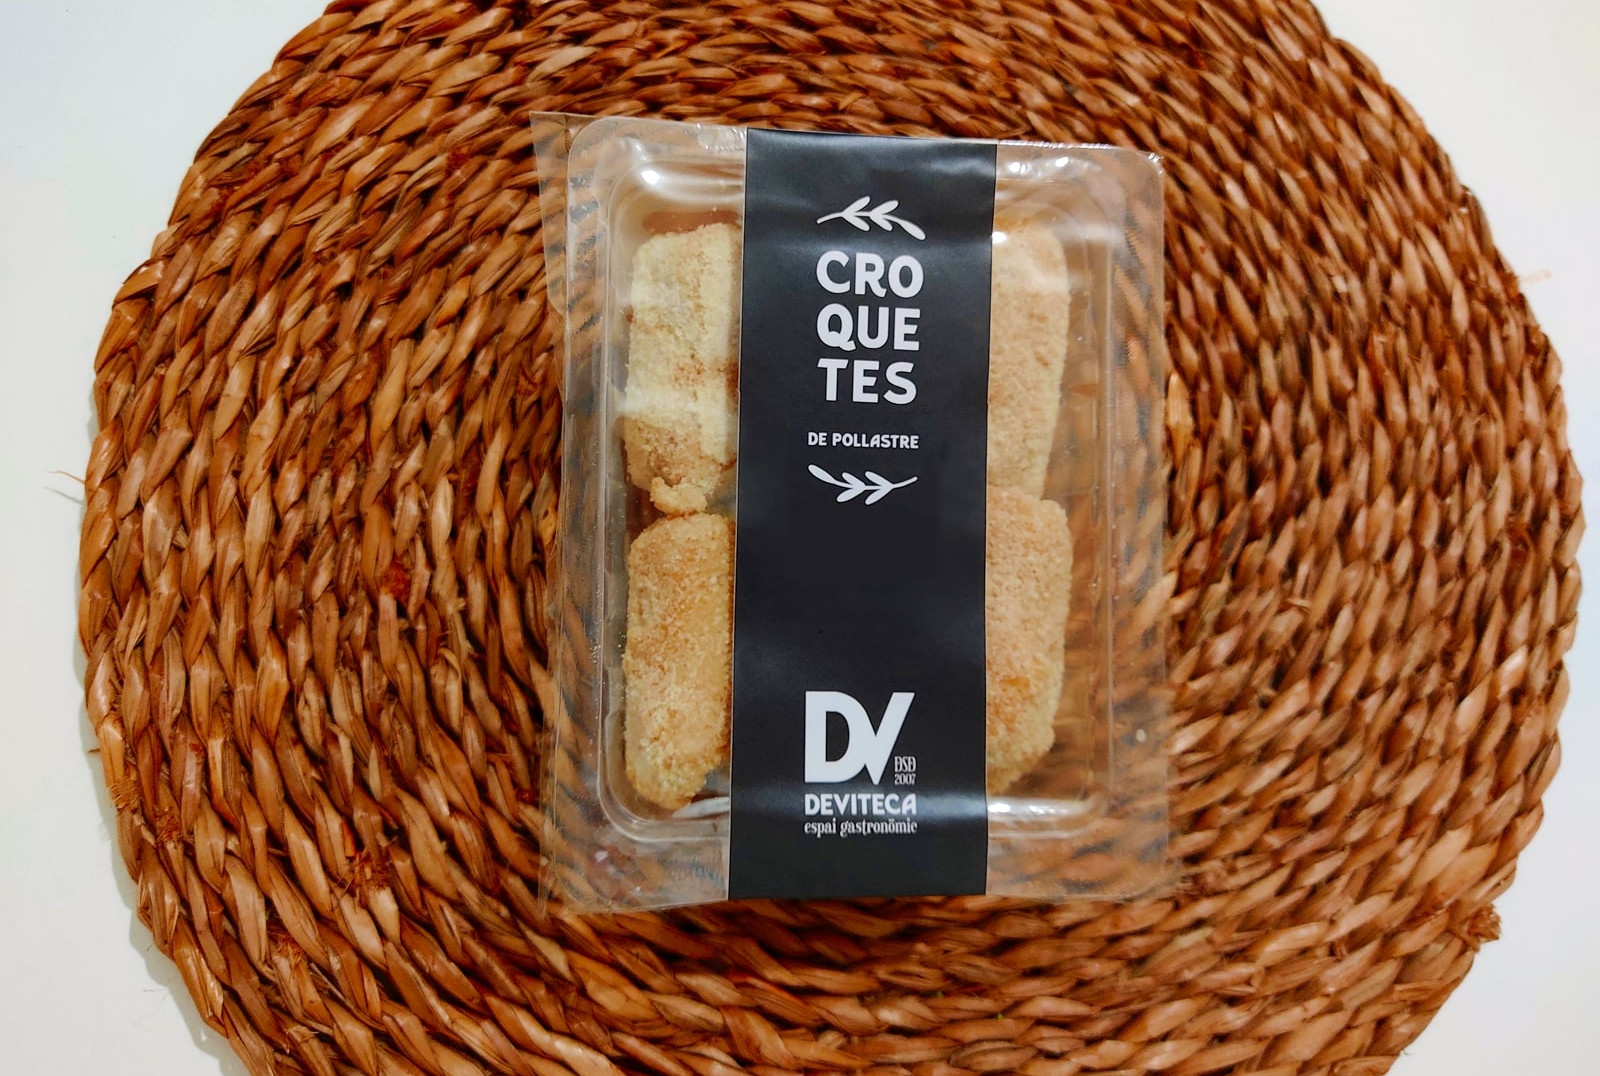 croquetes AVIAT_petit2-min.jpg